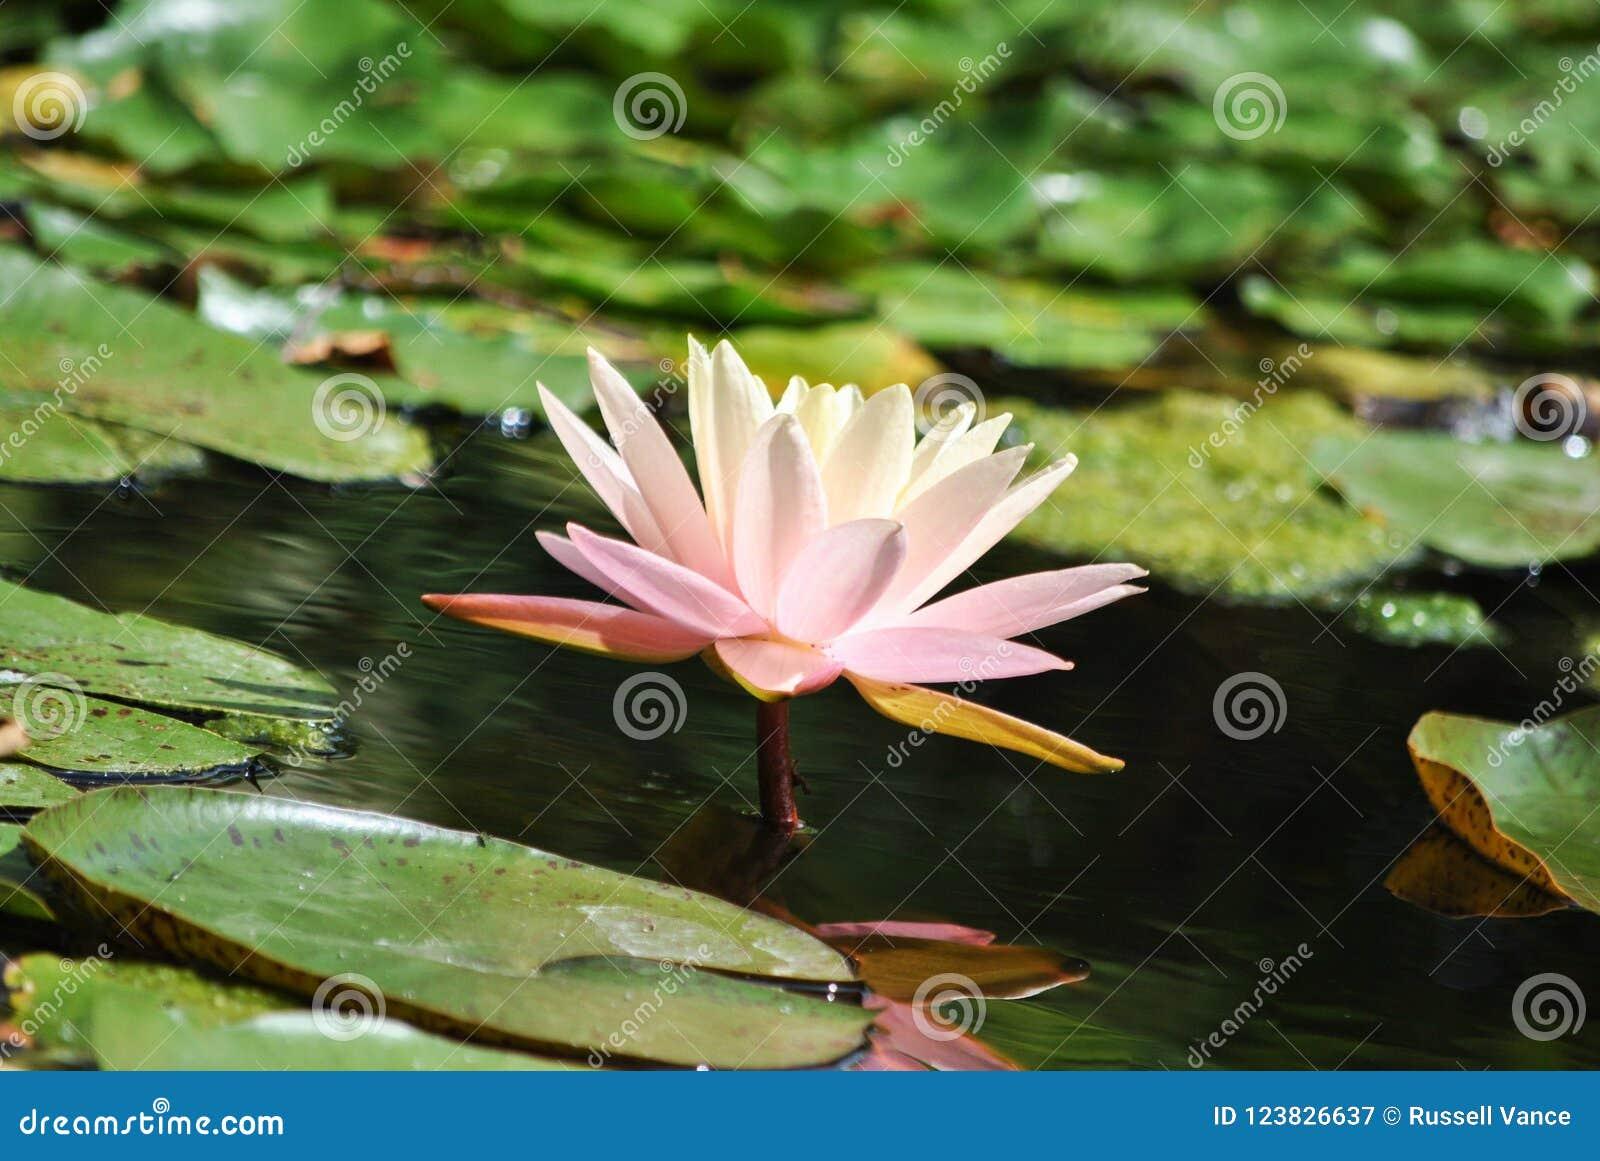 Ρόδινο και κίτρινο λουλούδι κρίνων